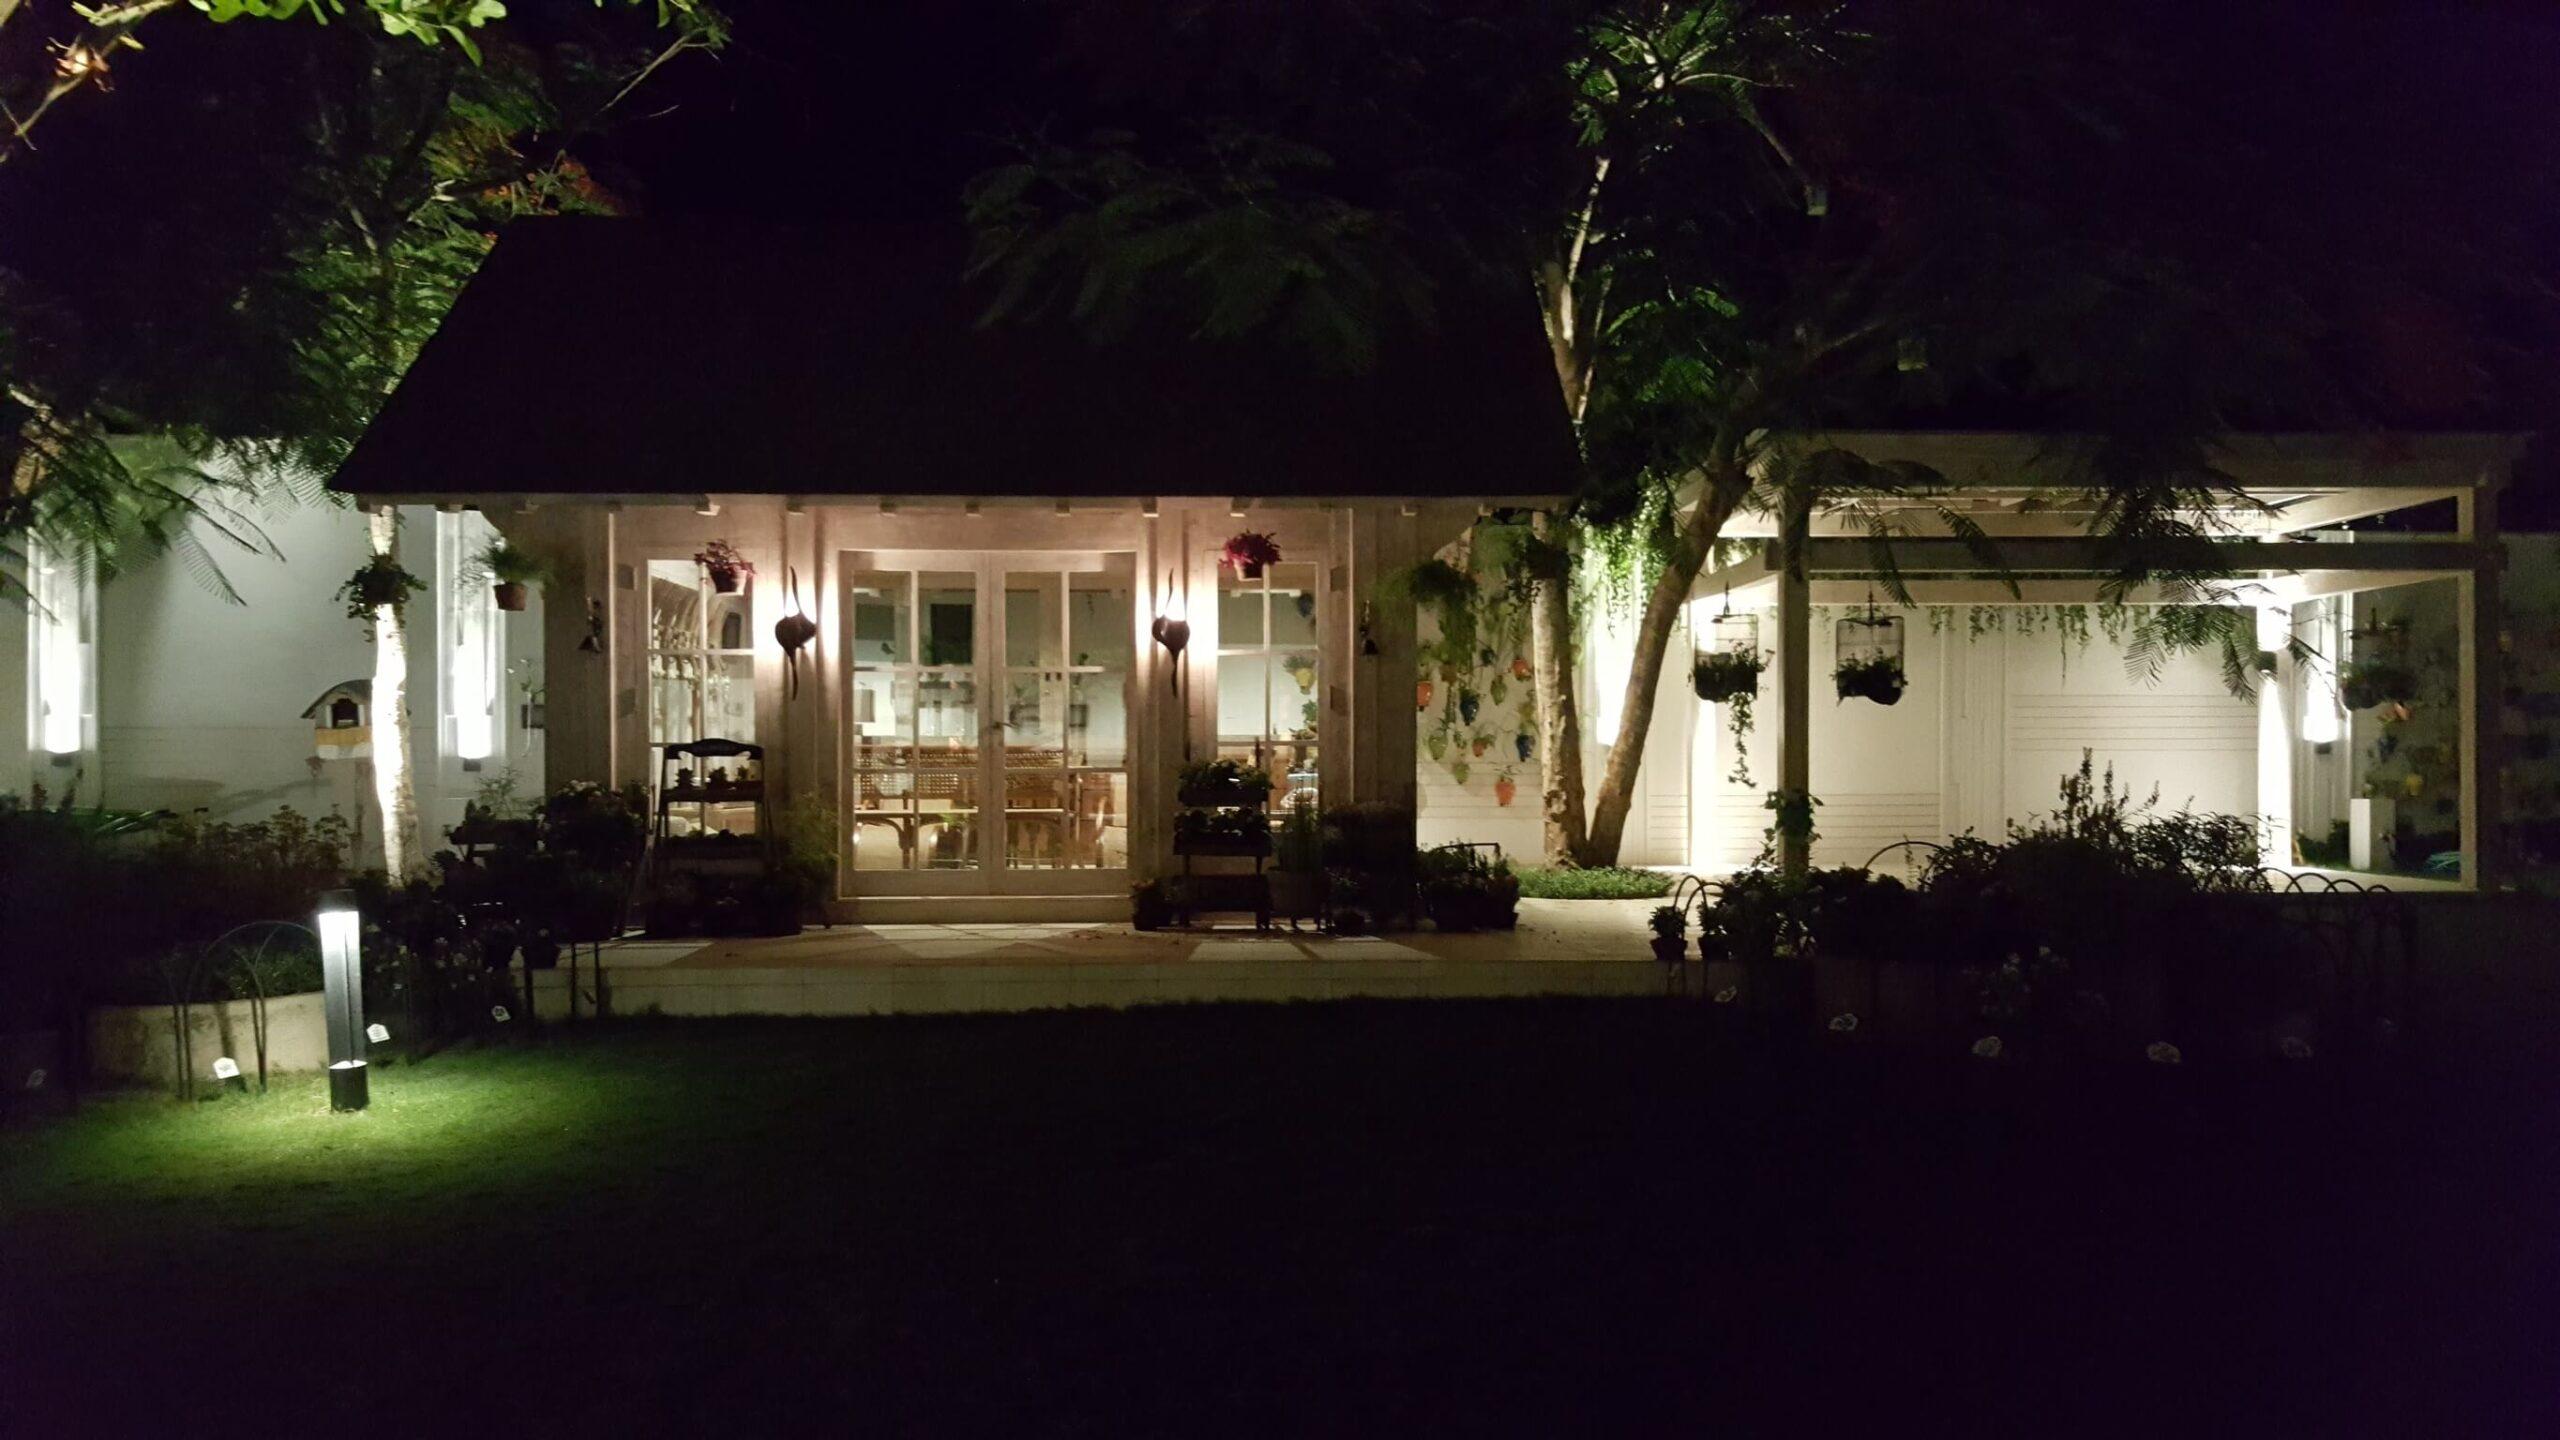 bali vila garden lighting 2